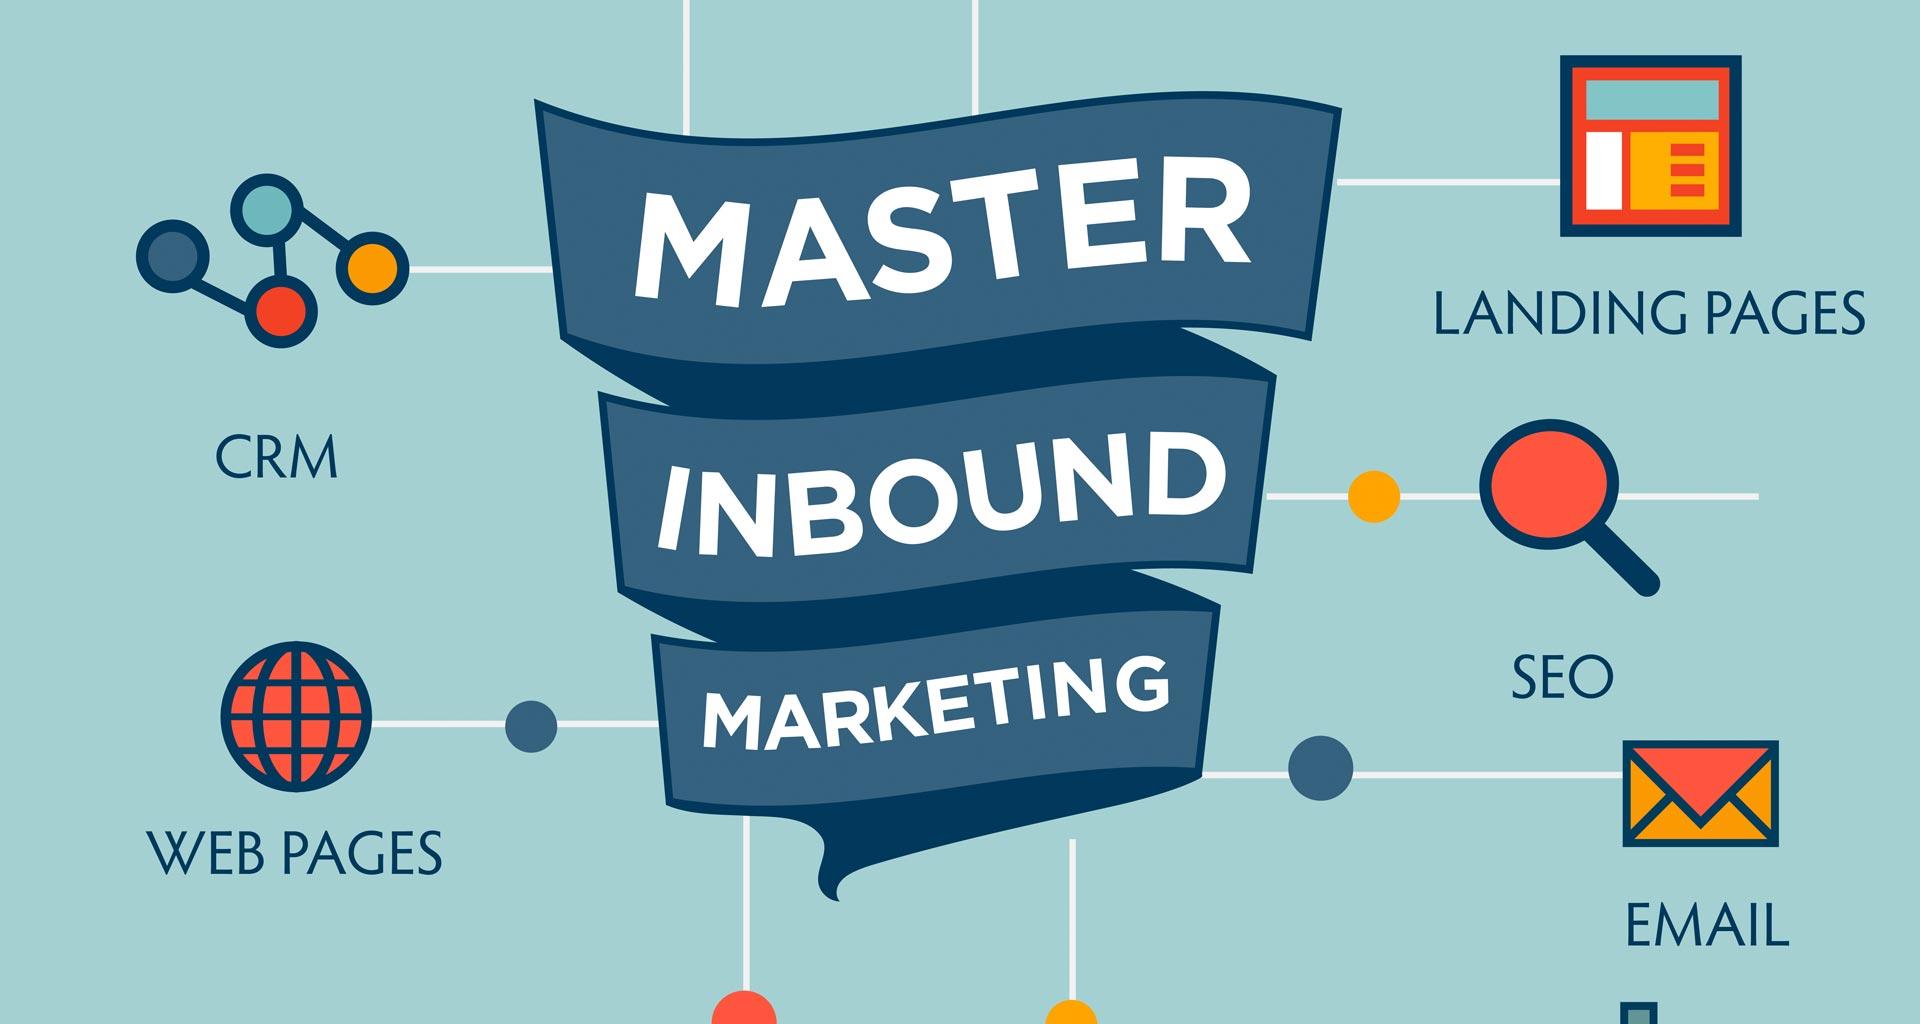 ¿Cómo atraer clientes potenciales a través del Inbound Marketing?